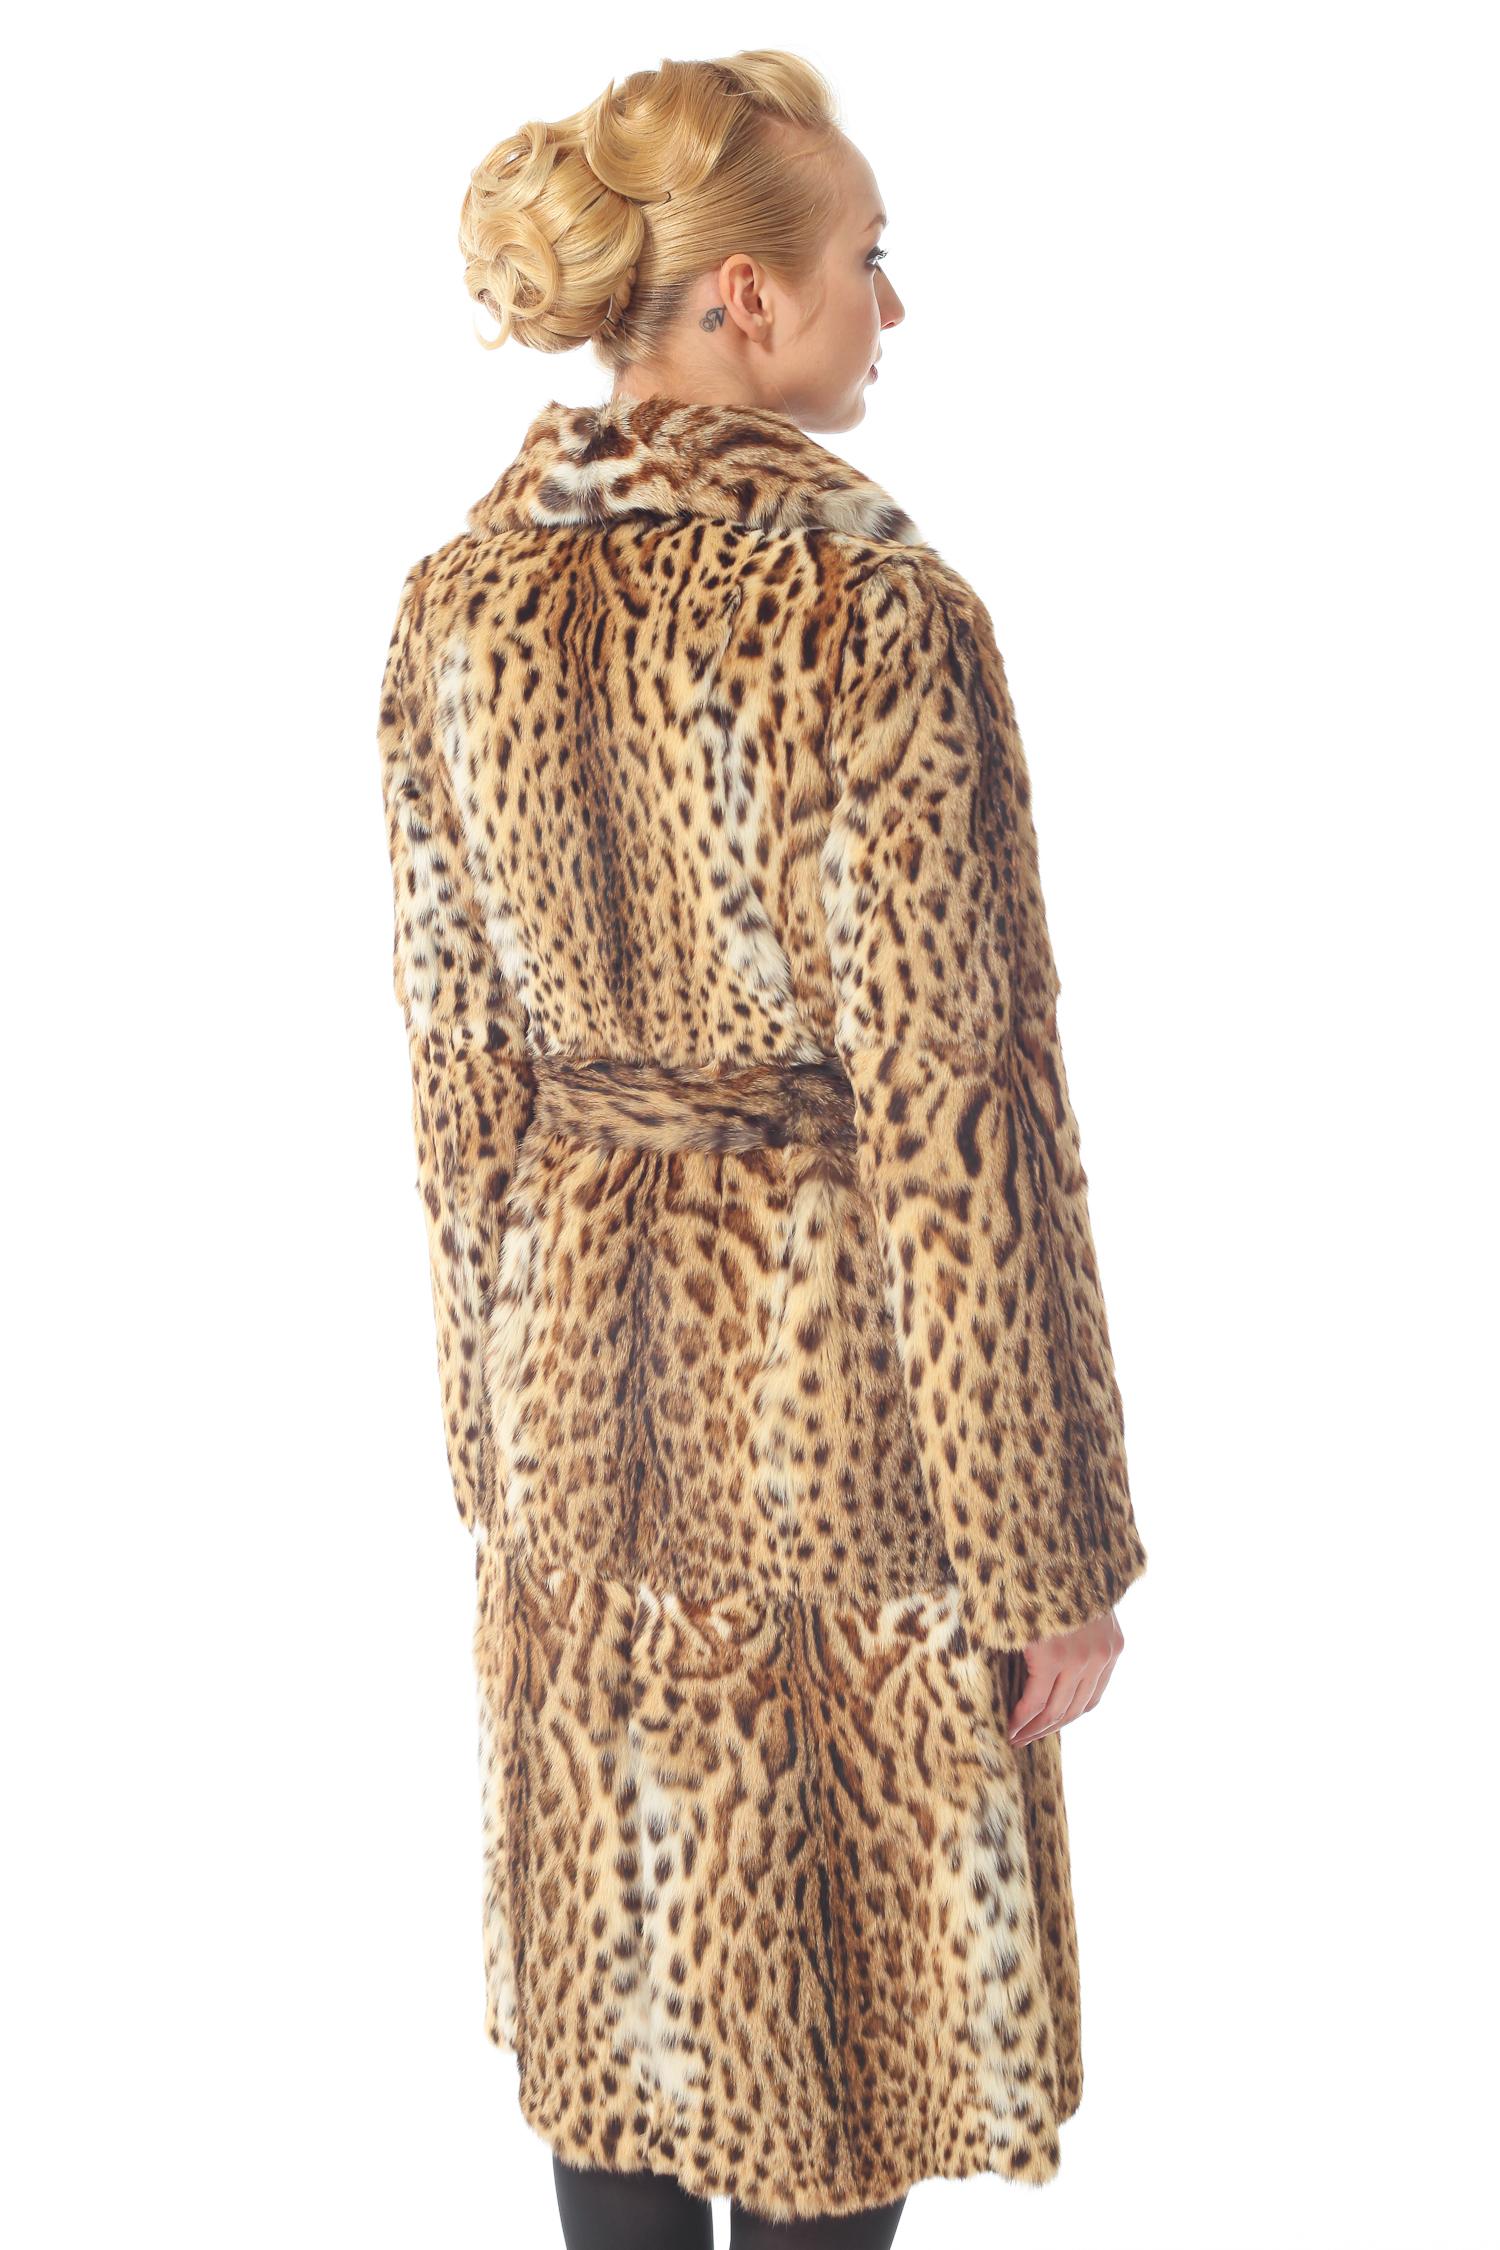 Шуба из камышового кота с воротником, без отделки от Московская Меховая Компания